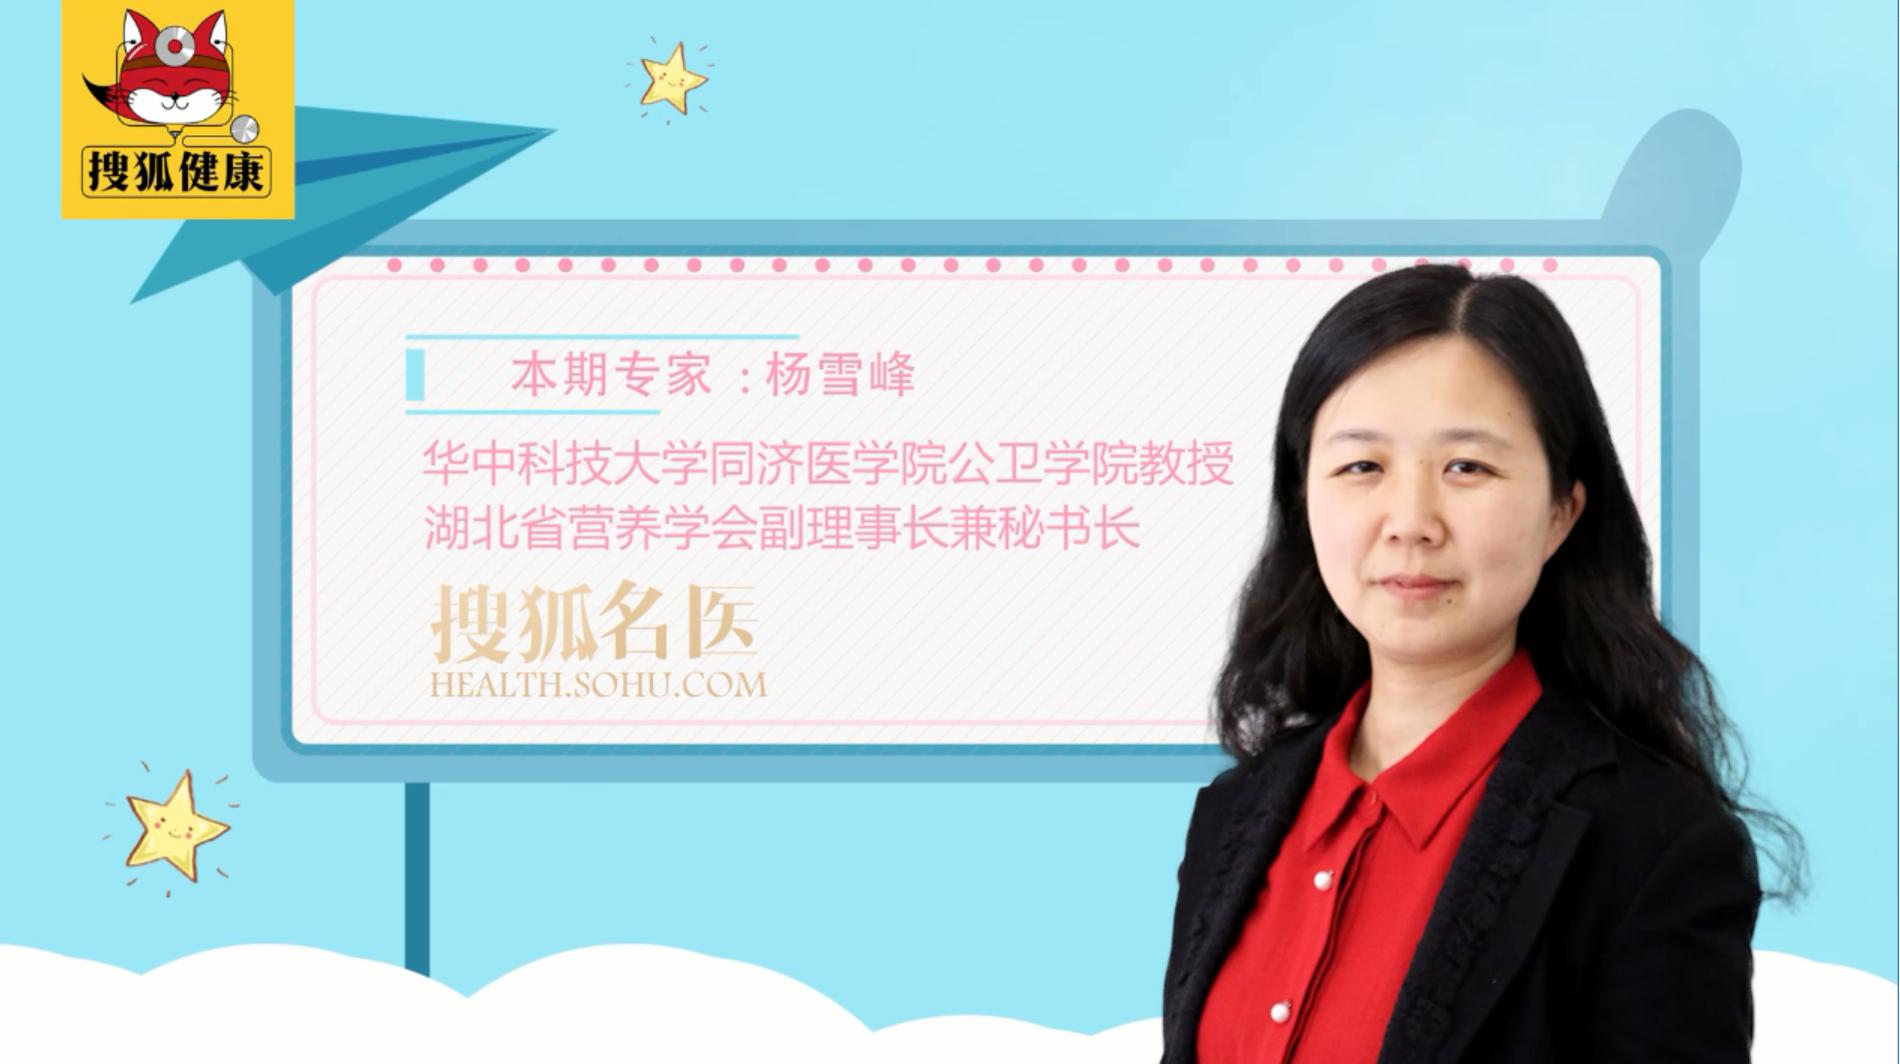 搜狐名醫 | 同濟楊雪鋒:胖媽媽備孕時如何減肥?_膳食